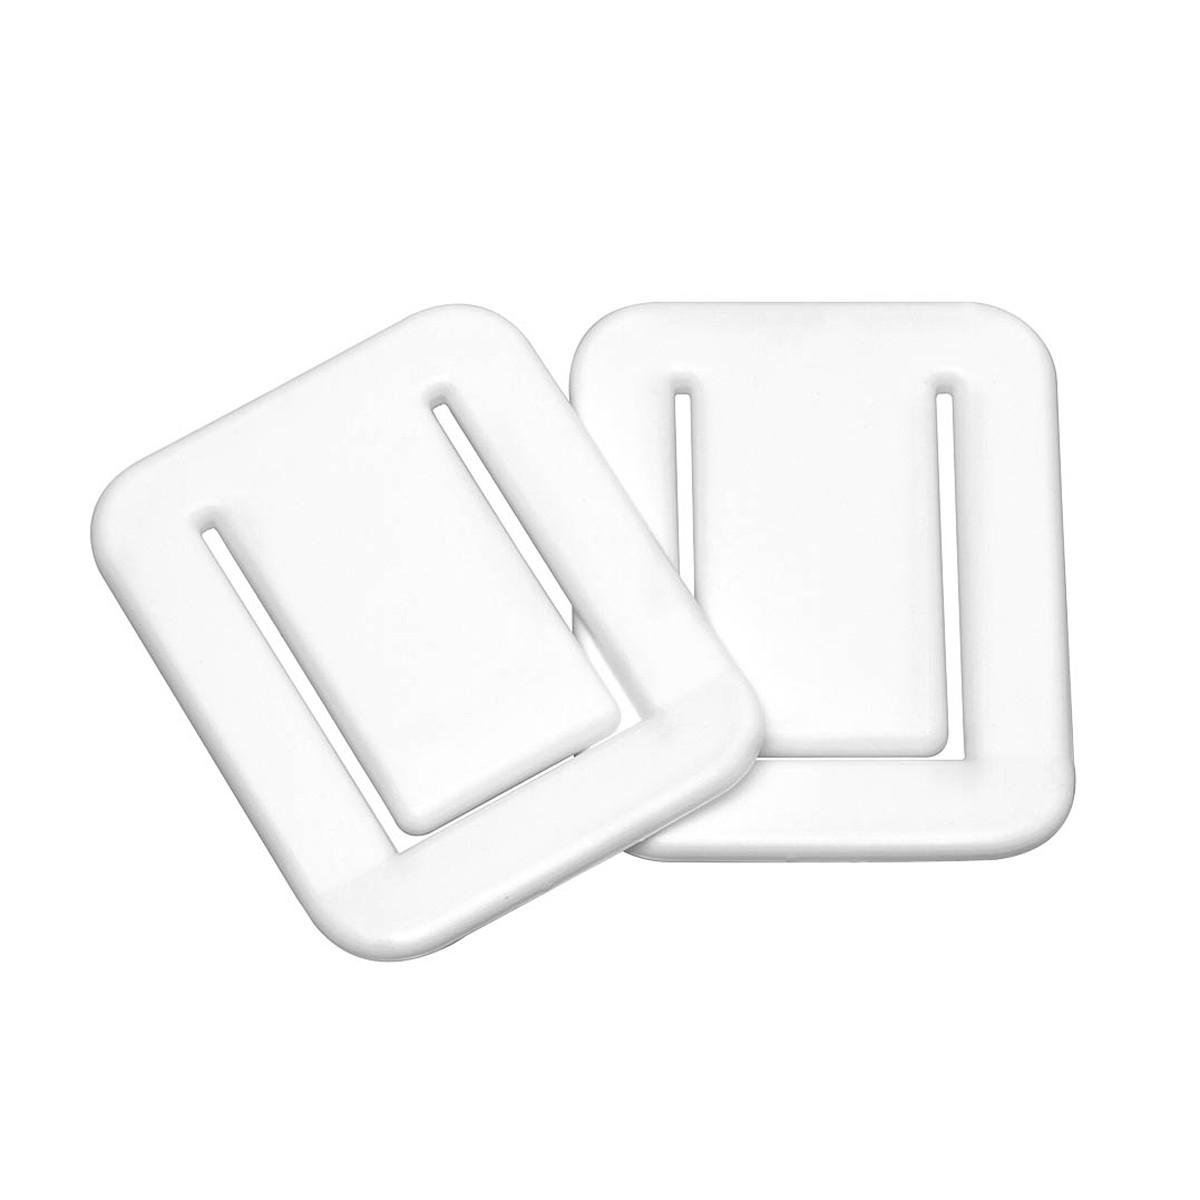 Στηρίγματα Σταθεροπoίησης Κουρτίνας Μπάνιου SealSkin Fix White